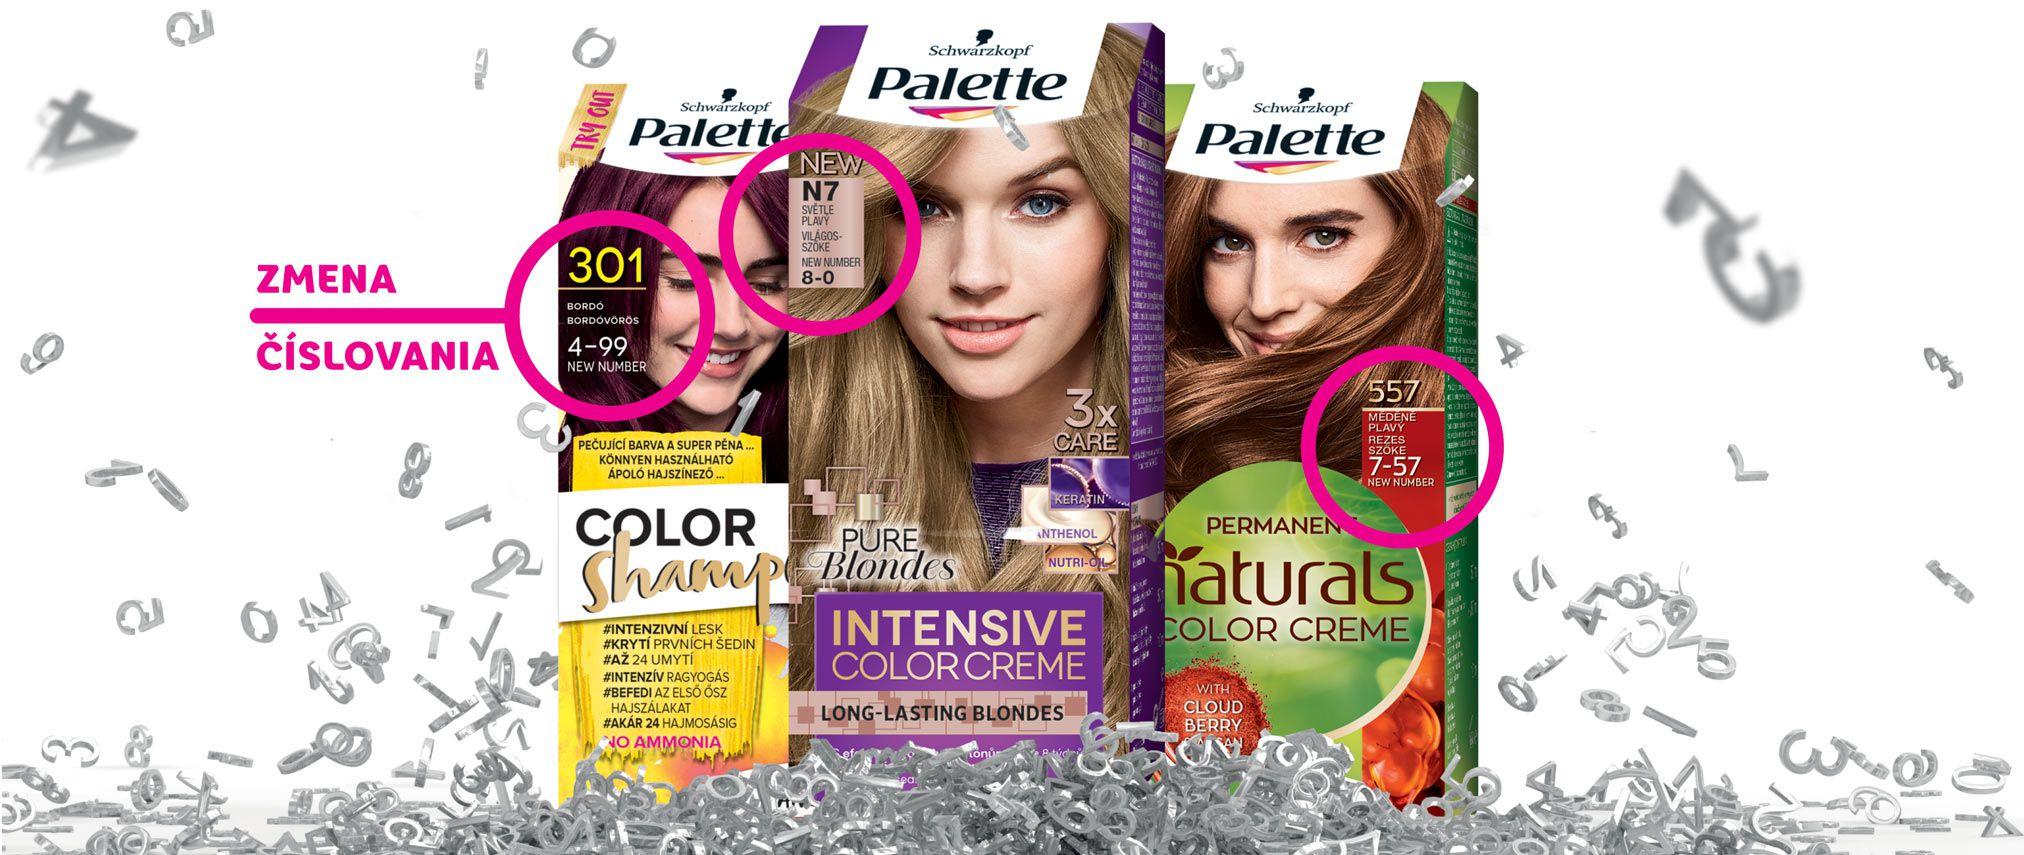 palette zmena cisla